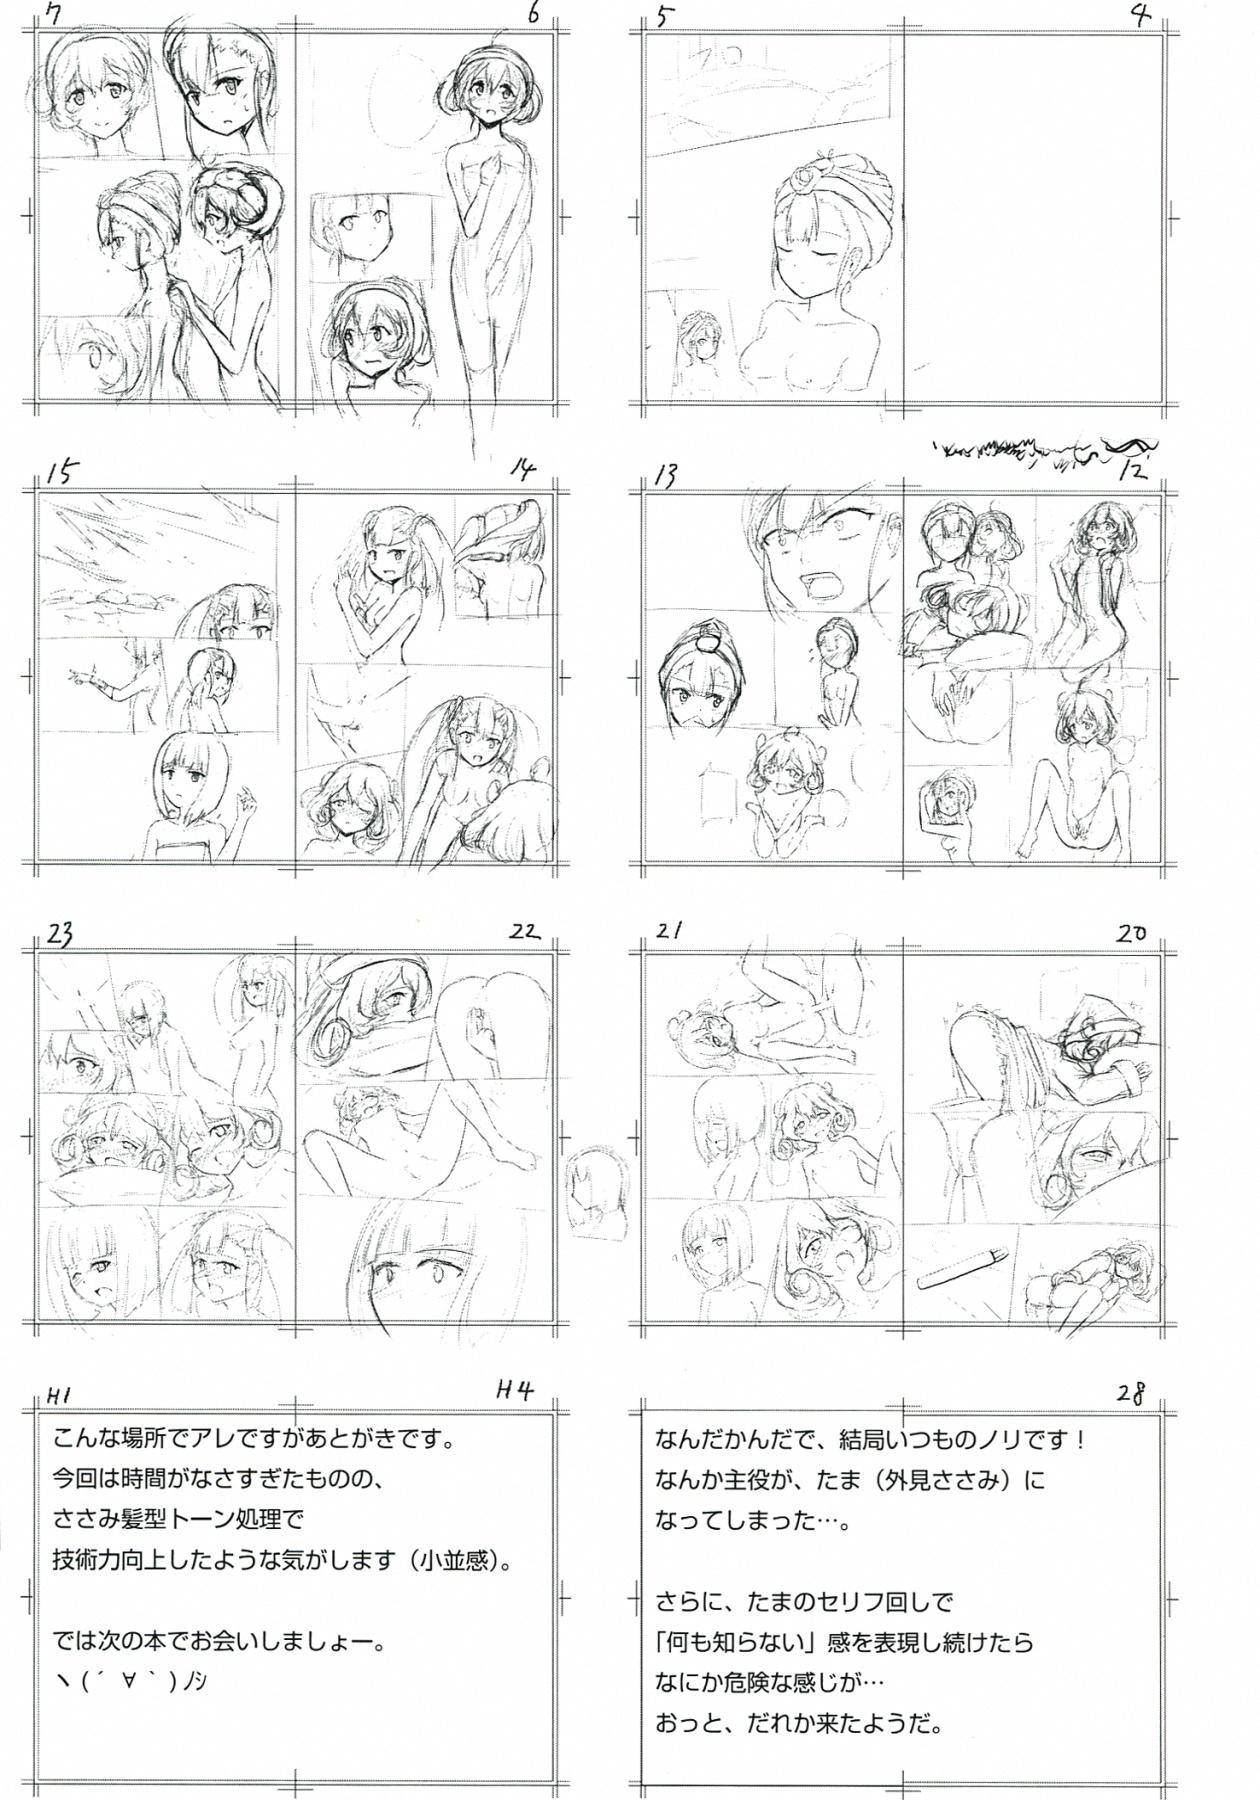 SASAMI-san LINK! 29